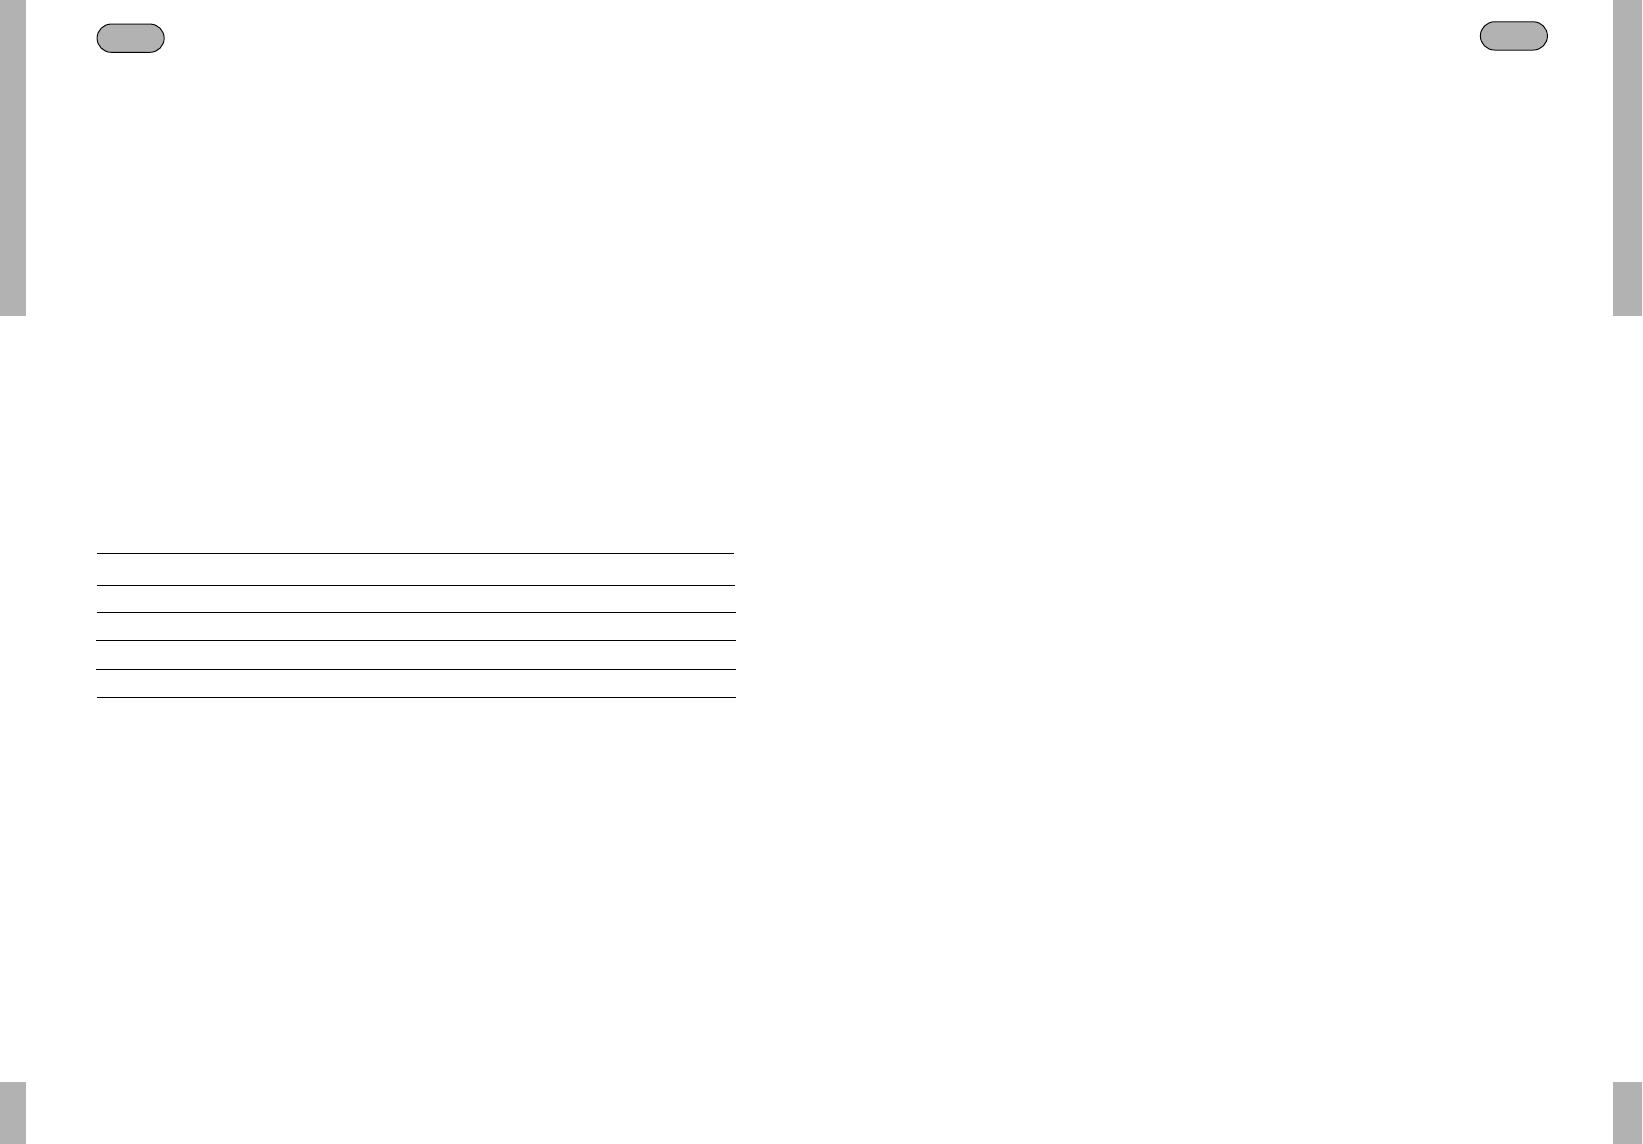 Handleiding Pelgrim wa 10 (pagina 1 van 20) (Deutsch